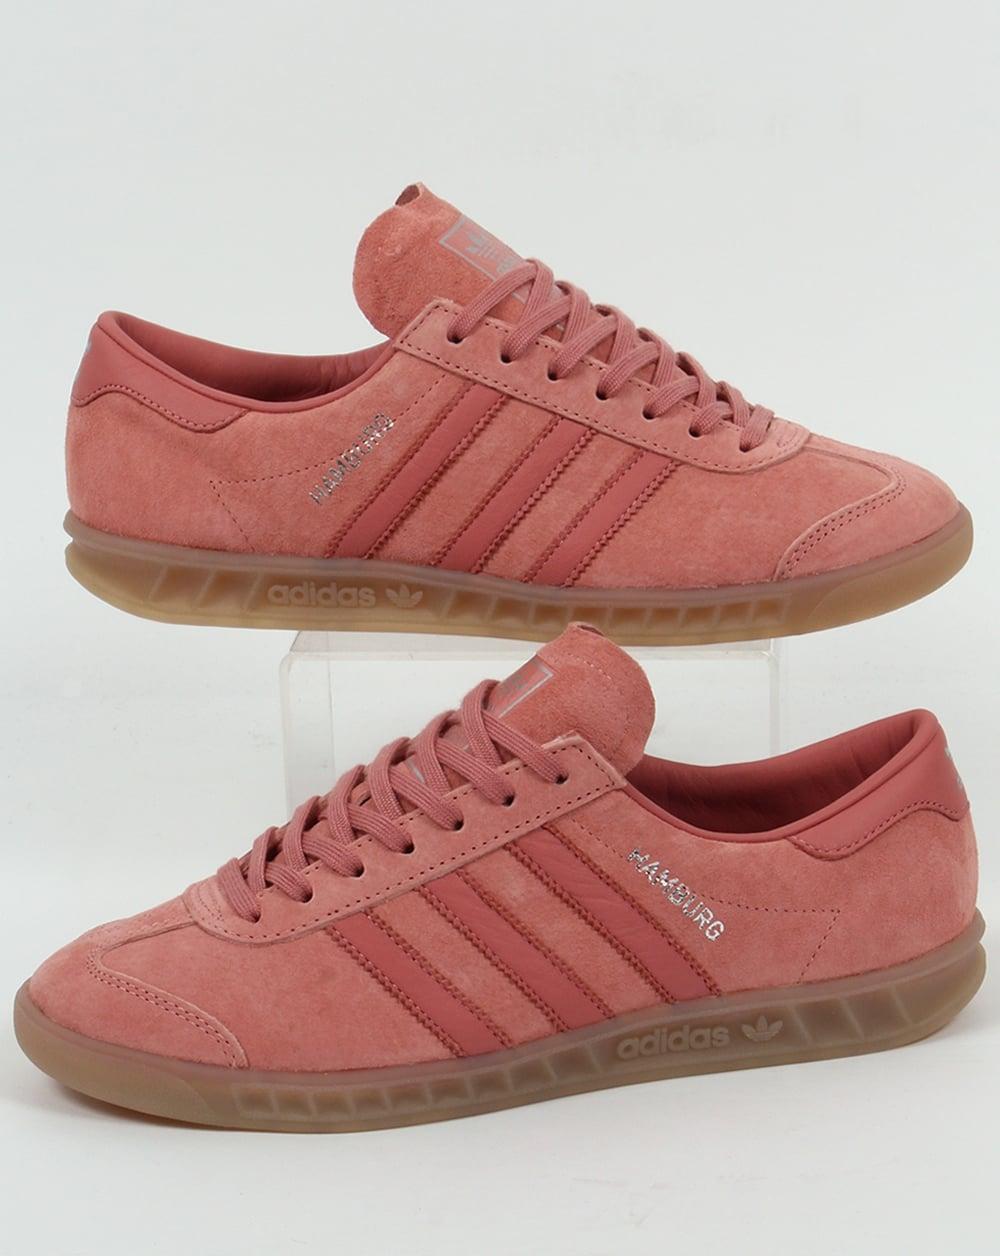 adidas hamburg mens pink Shop Clothing